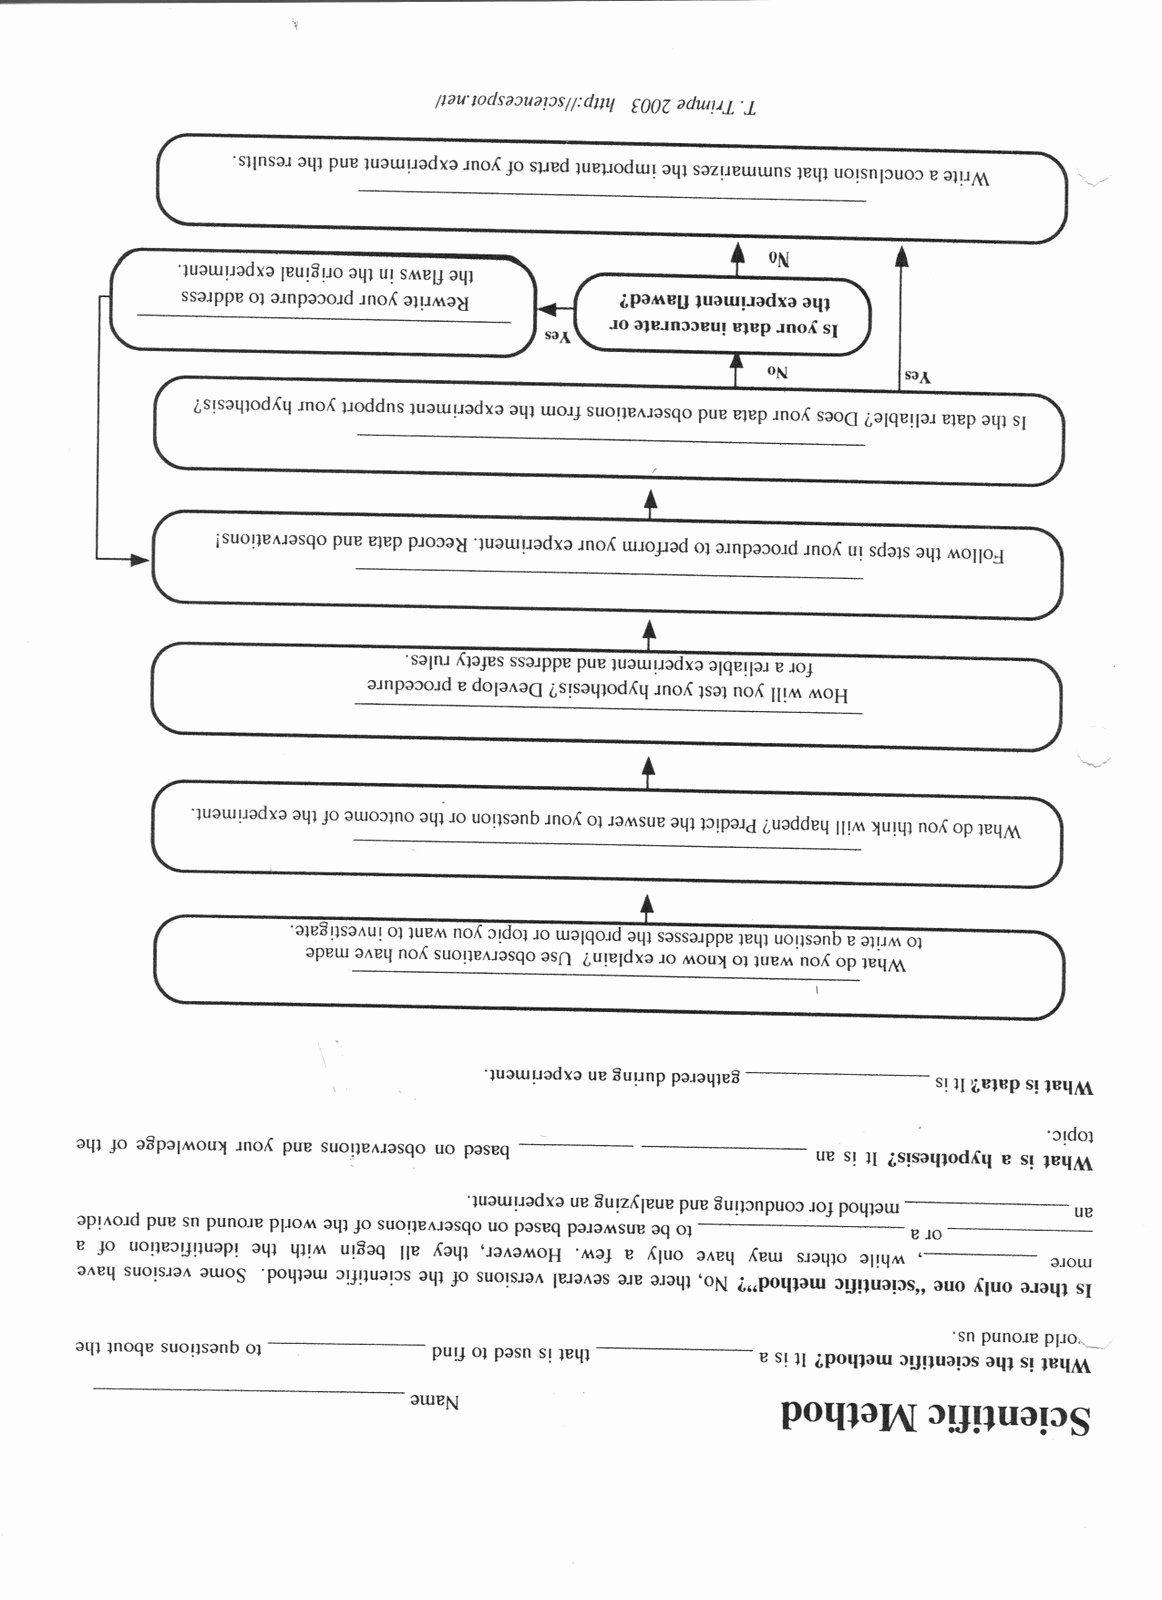 Experimental Design Worksheet Answers Fundamentals Of Experimental Design Workshee In 2020 Chemistry Worksheets Word Problem Worksheets Letter Worksheets For Preschool